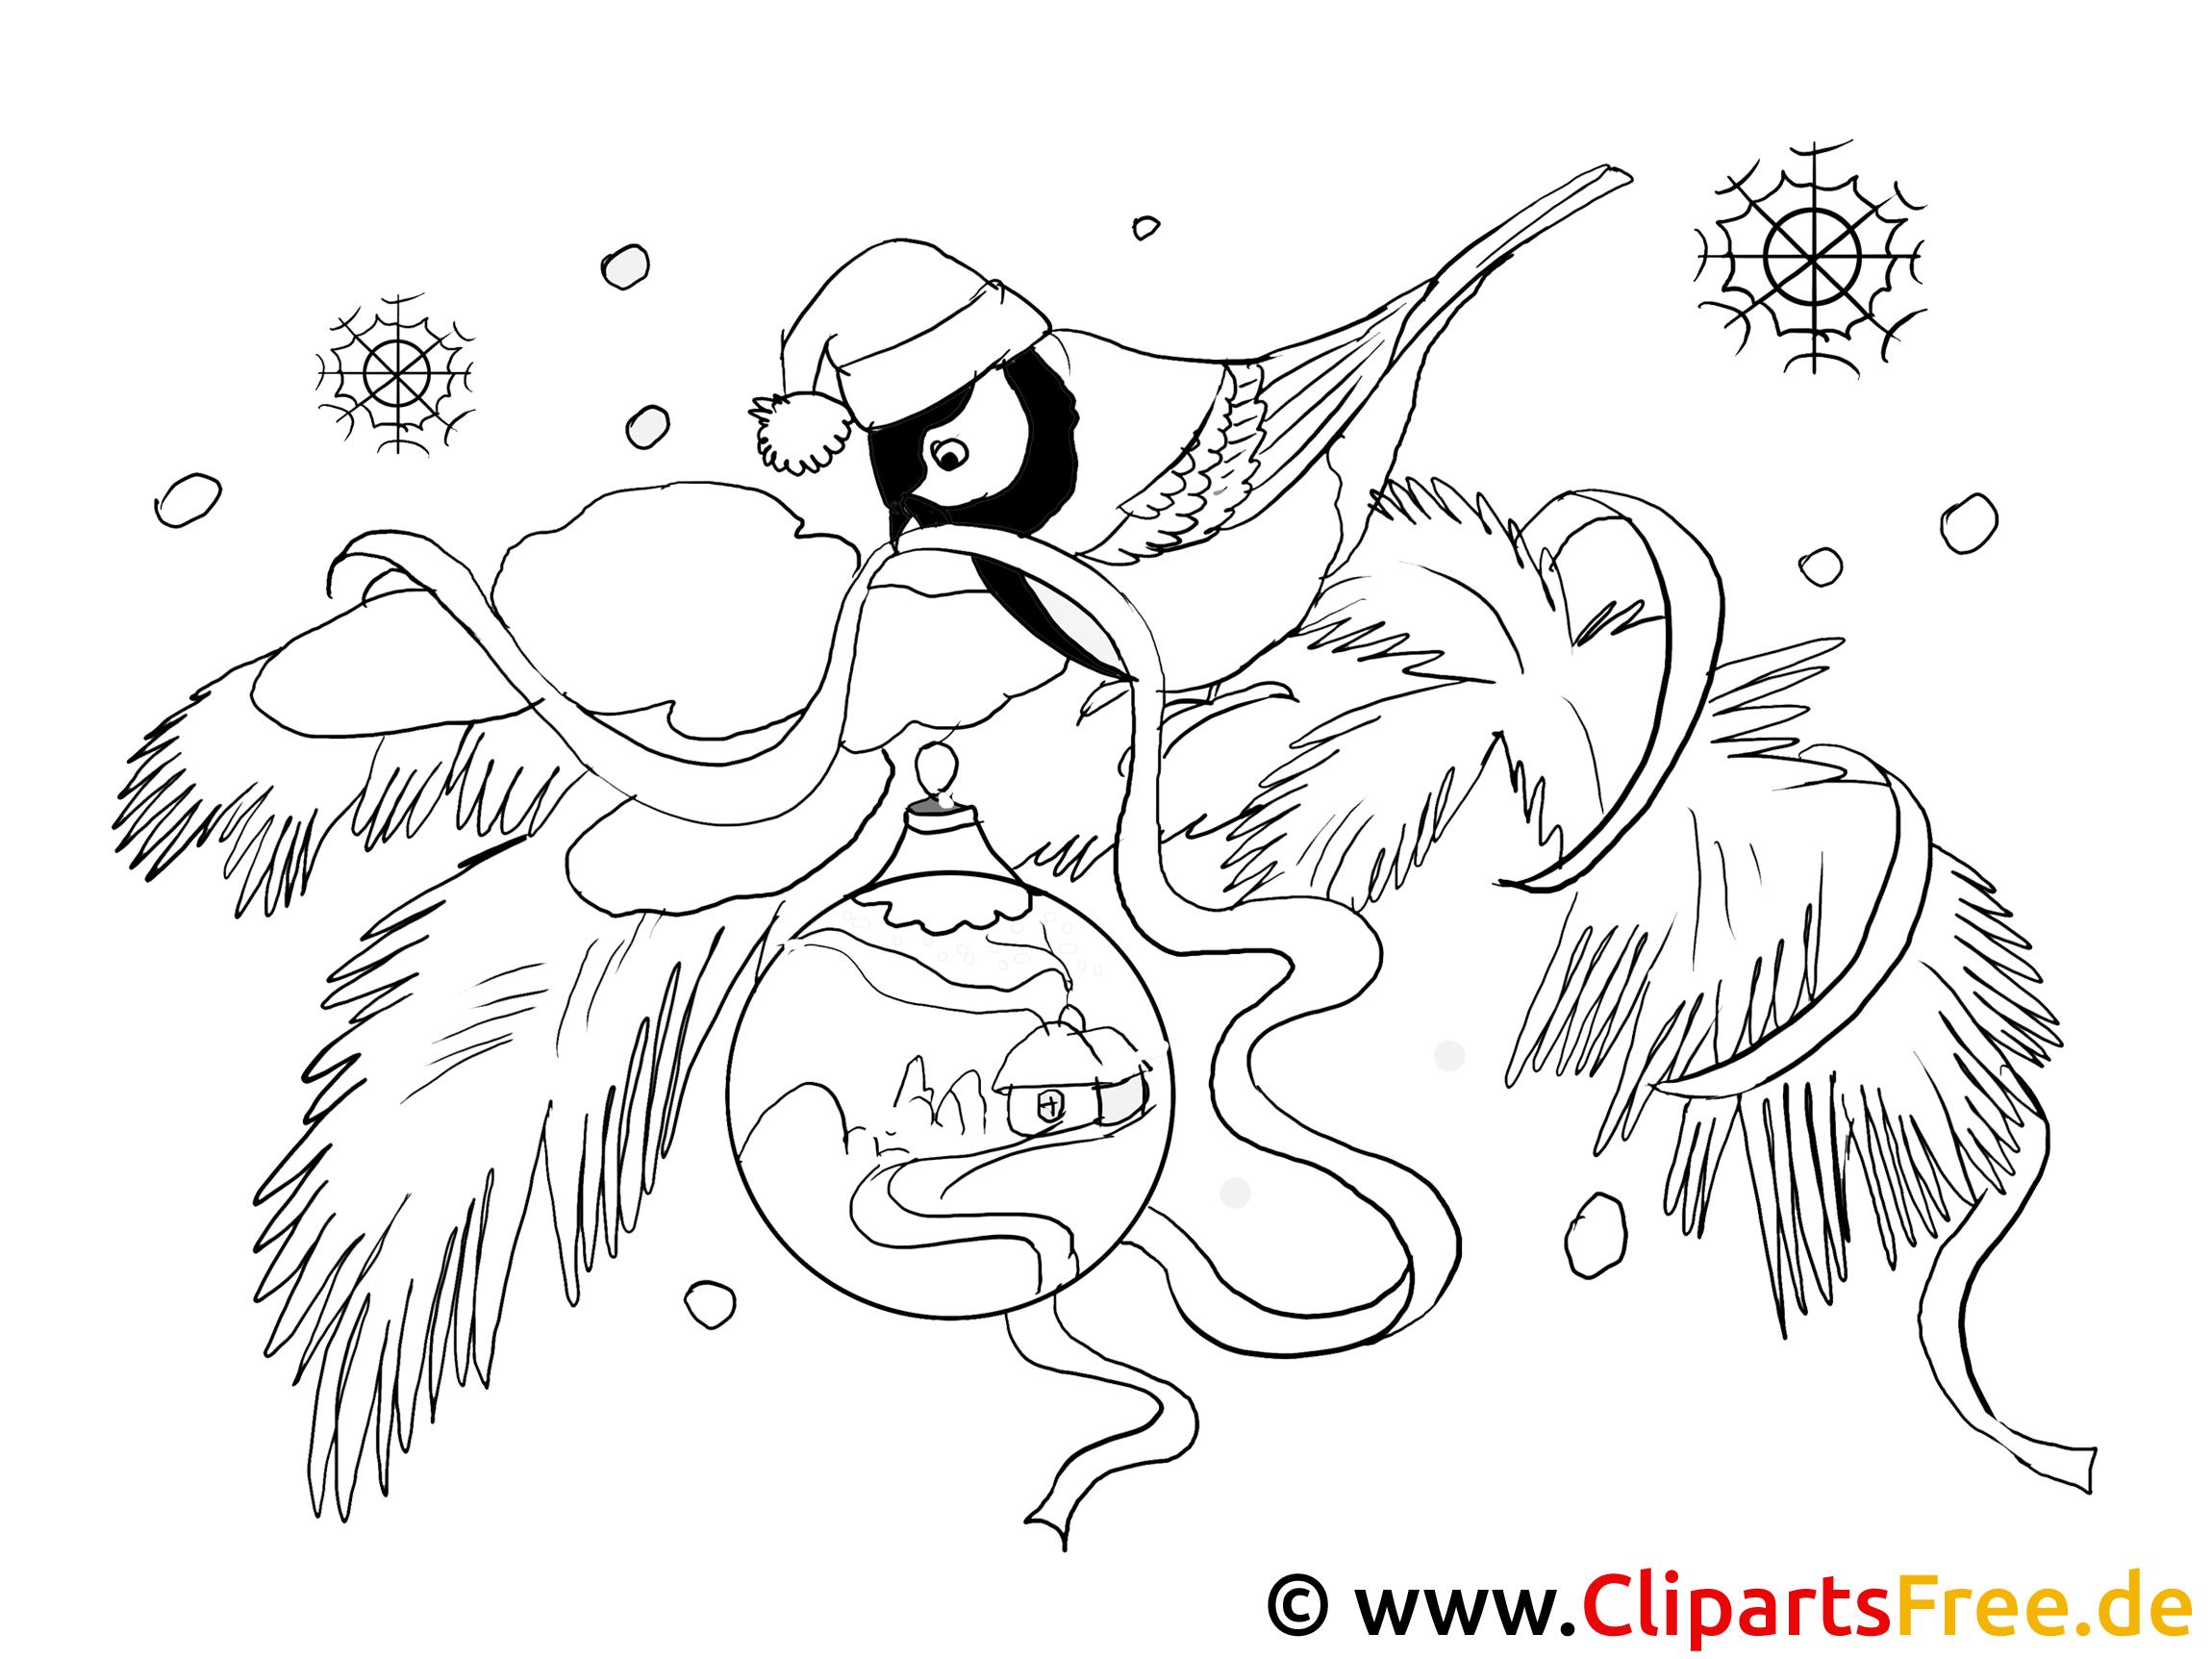 Nett Weihnachtsbilder Zum Ausmalen Fotos - Malvorlagen Von Tieren ...